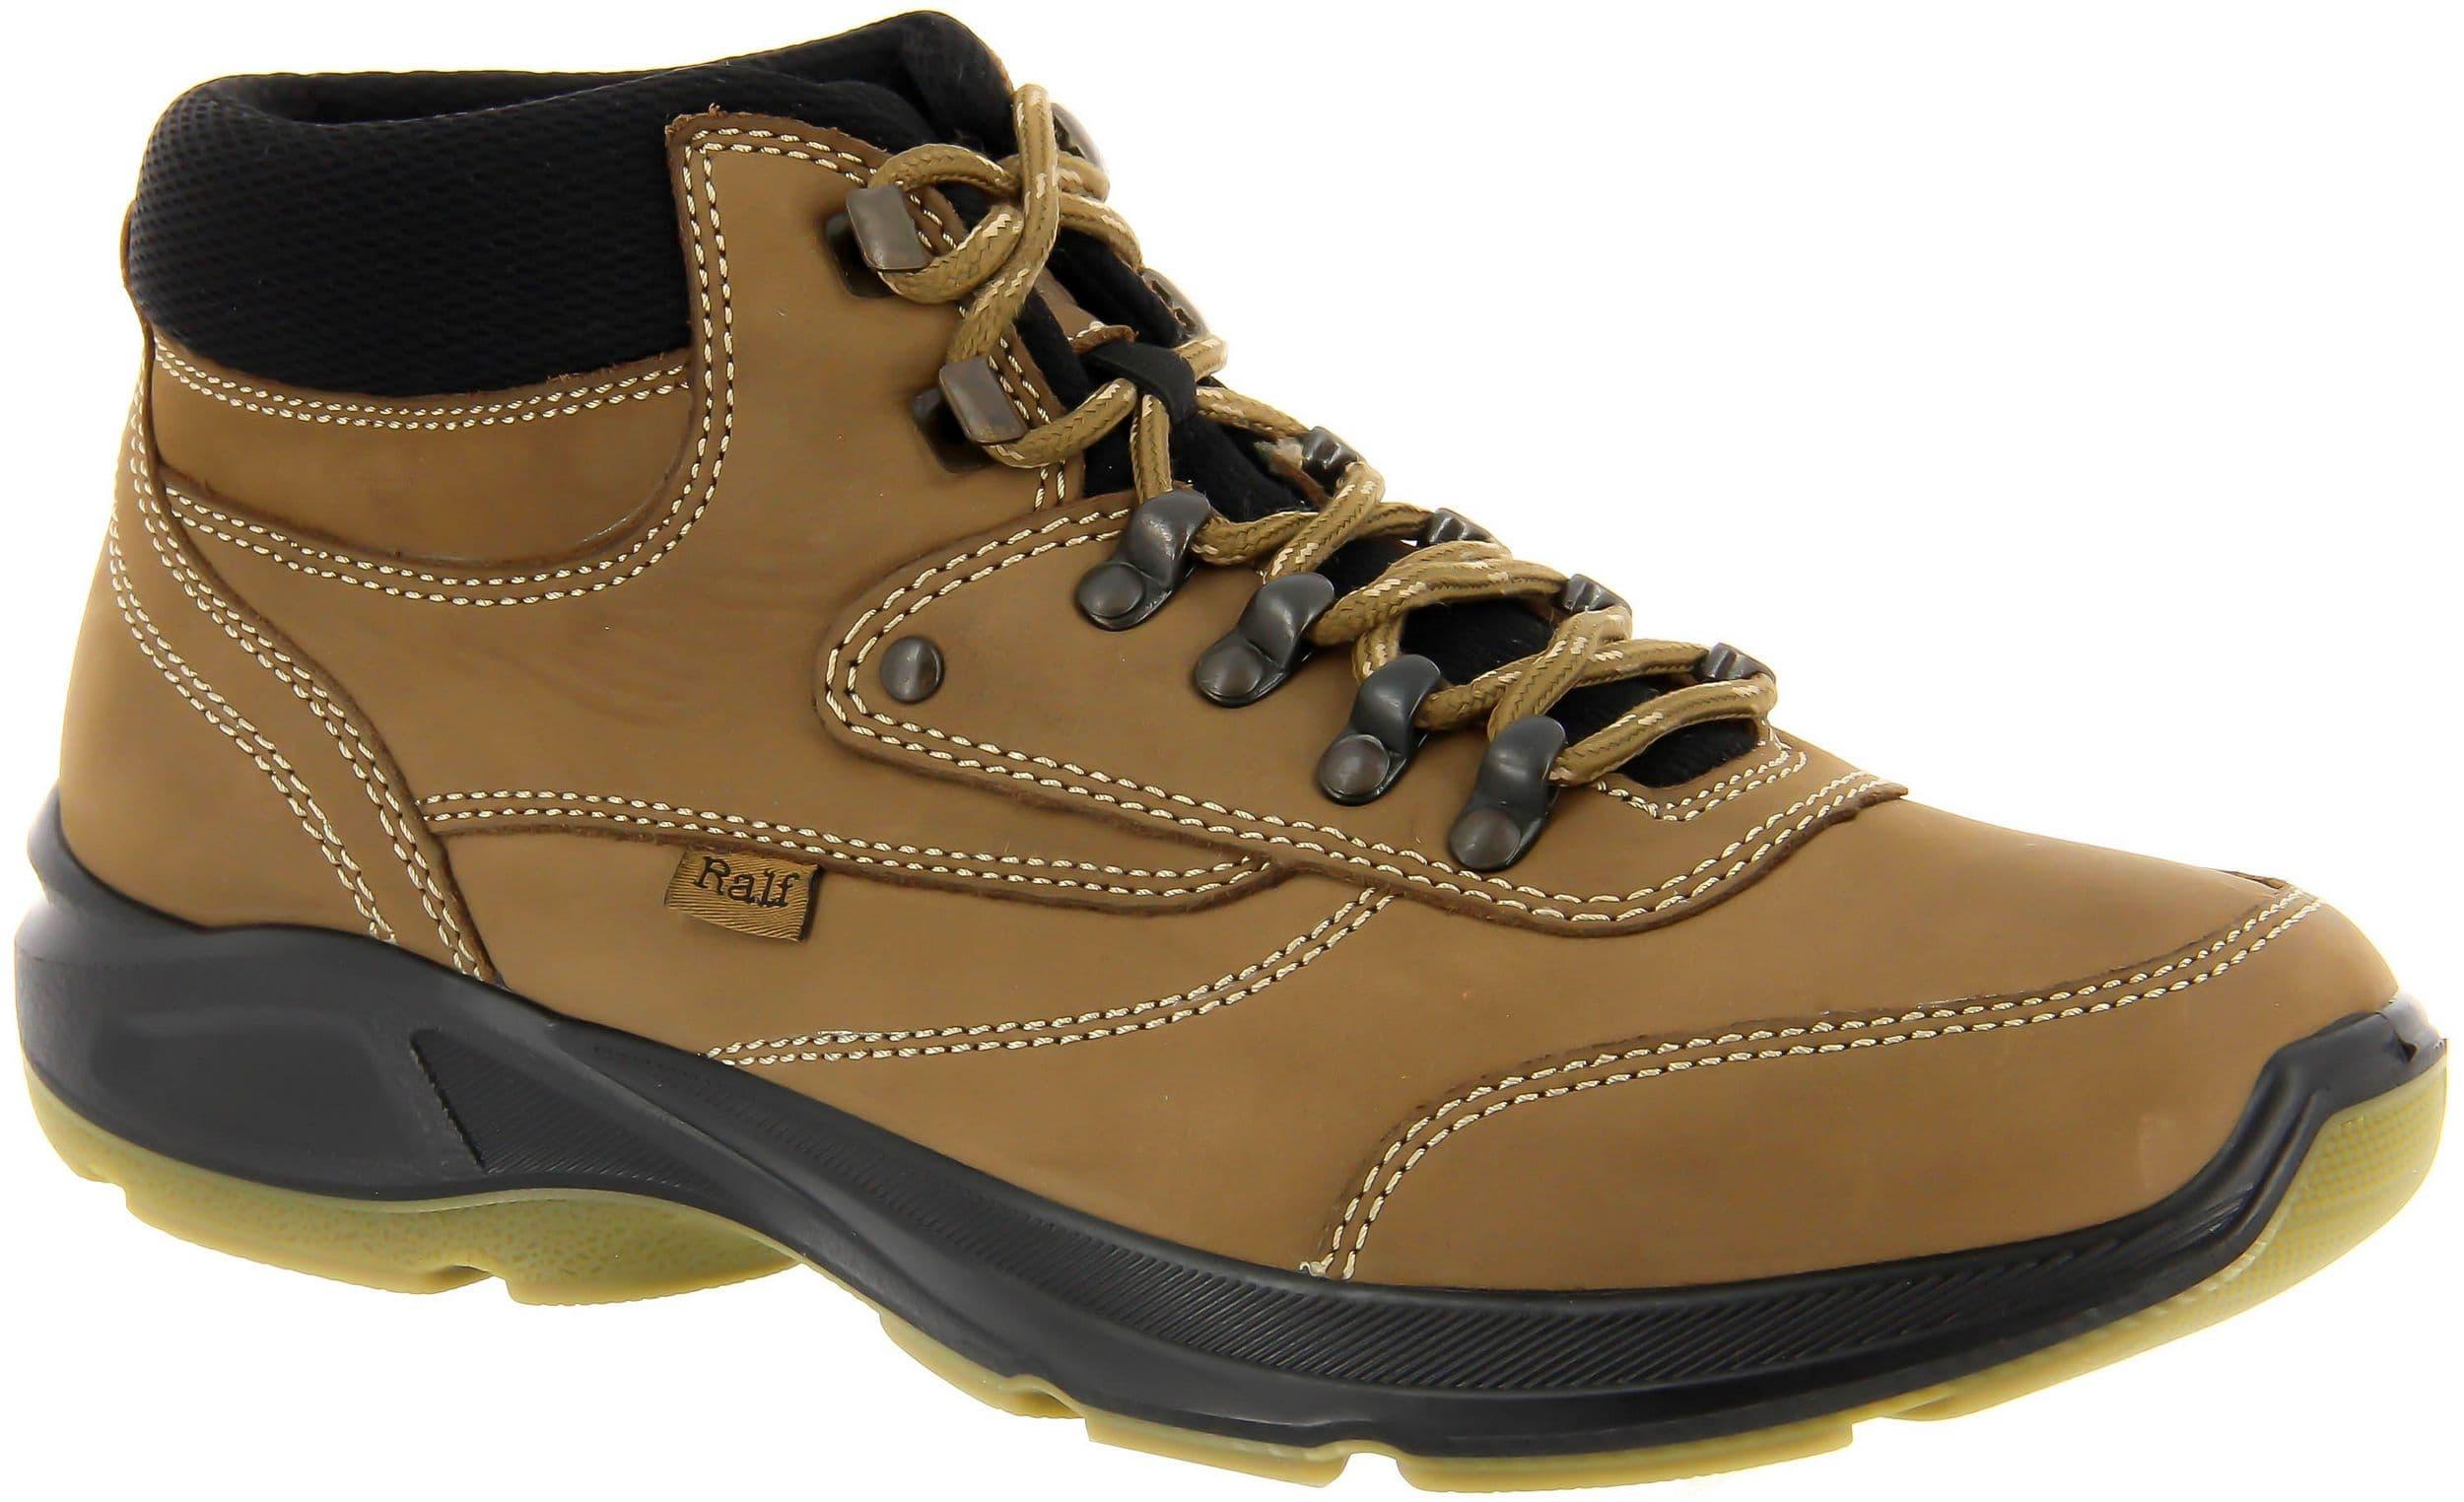 Мужские ботинки – купить по выгодной цене в интернет-магазине RALF ... 9ff68baf164